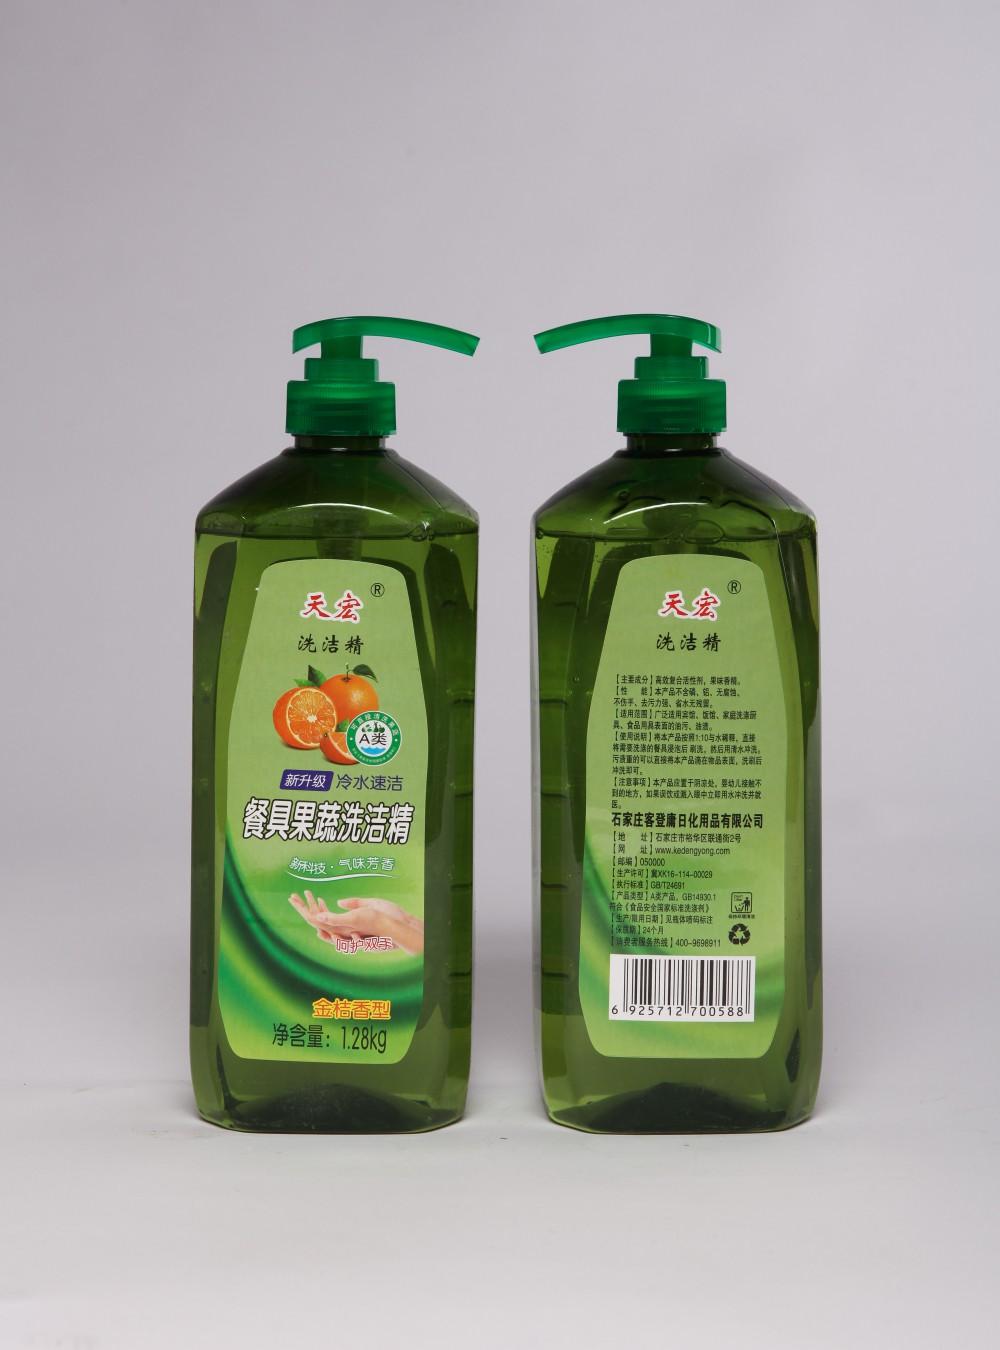 天宏餐具果蔬洗洁精 冷水速洁 金桔香型1.28kg